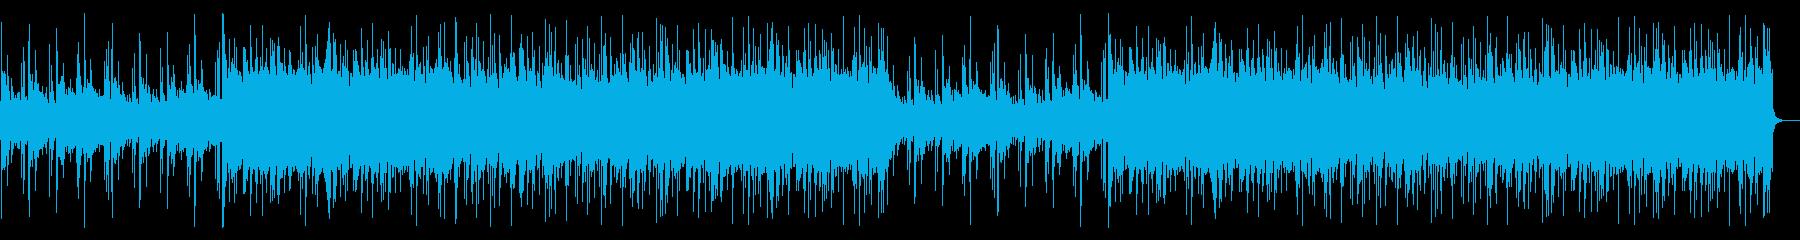 幻想的/夢/リラックス_No608_6の再生済みの波形